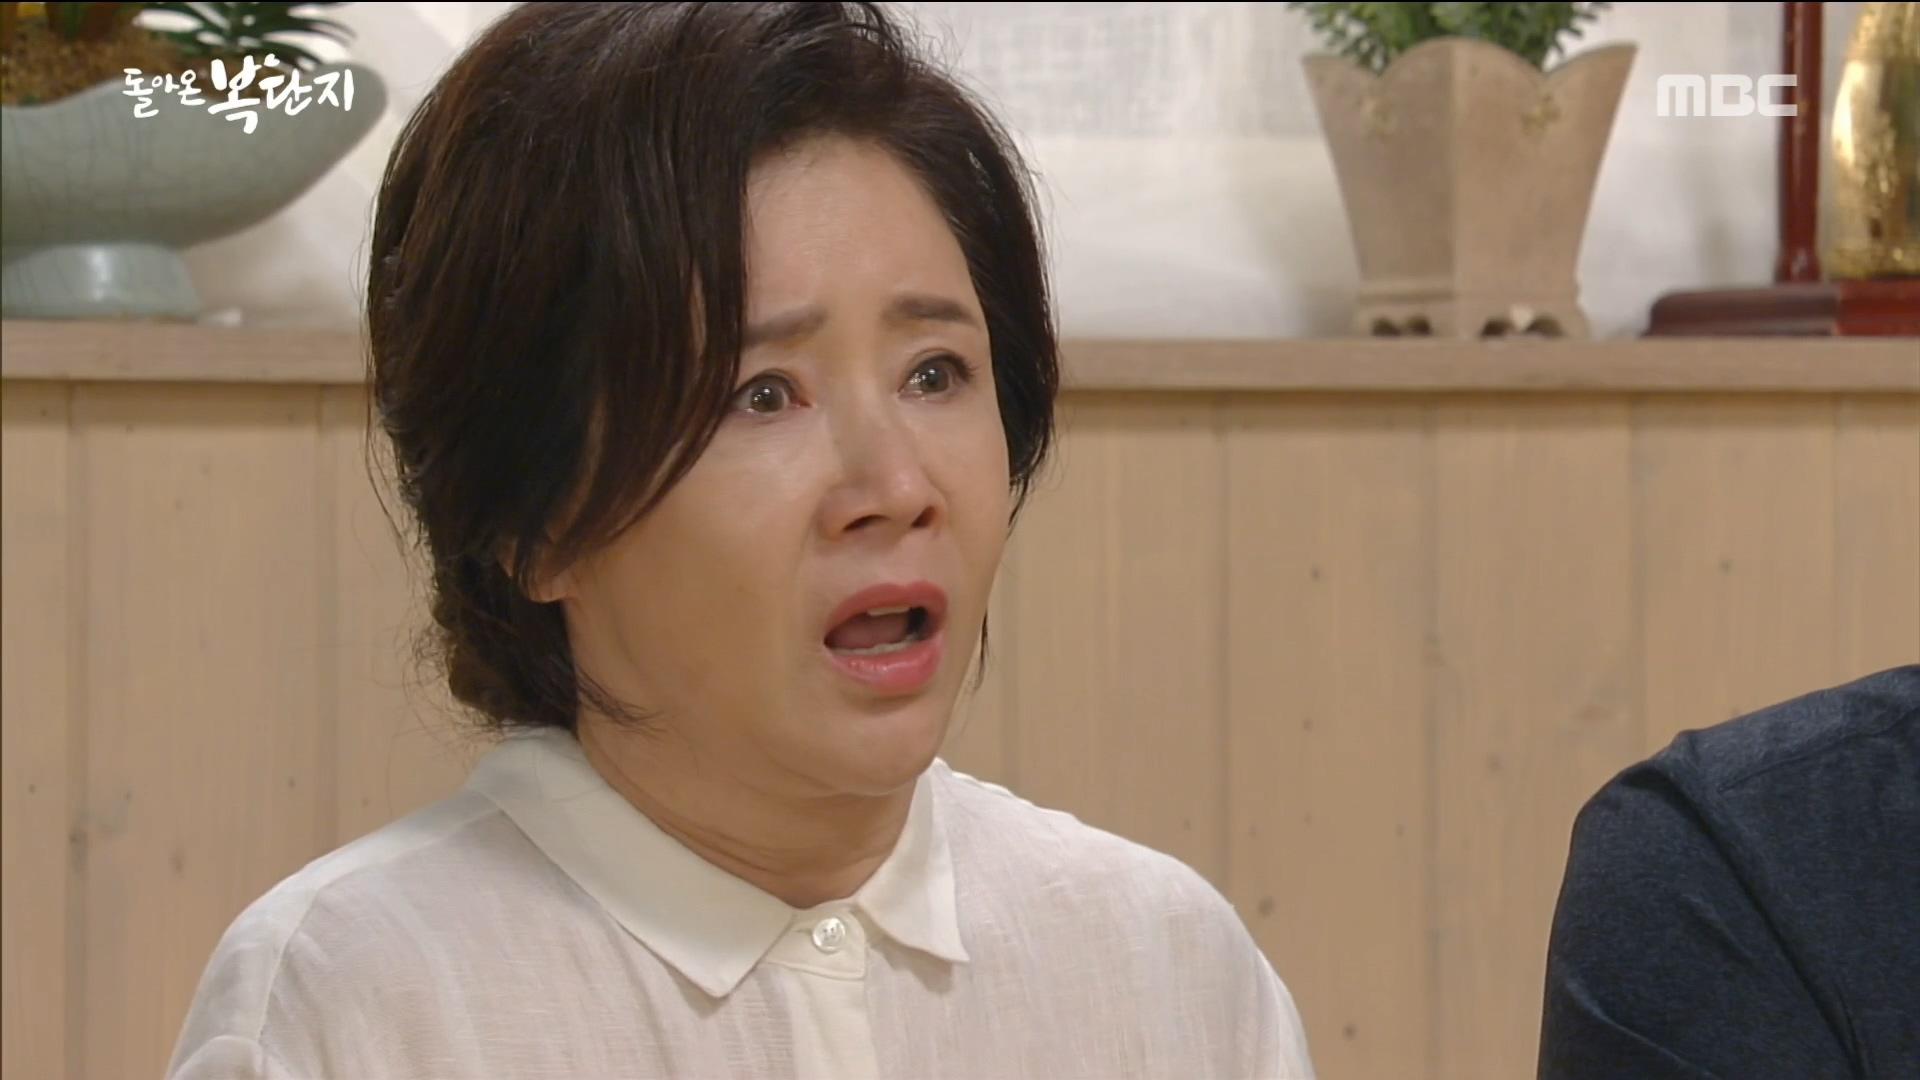 강성연-고세원, 모든 것을 각오하고 결혼하겠다는 거야?!